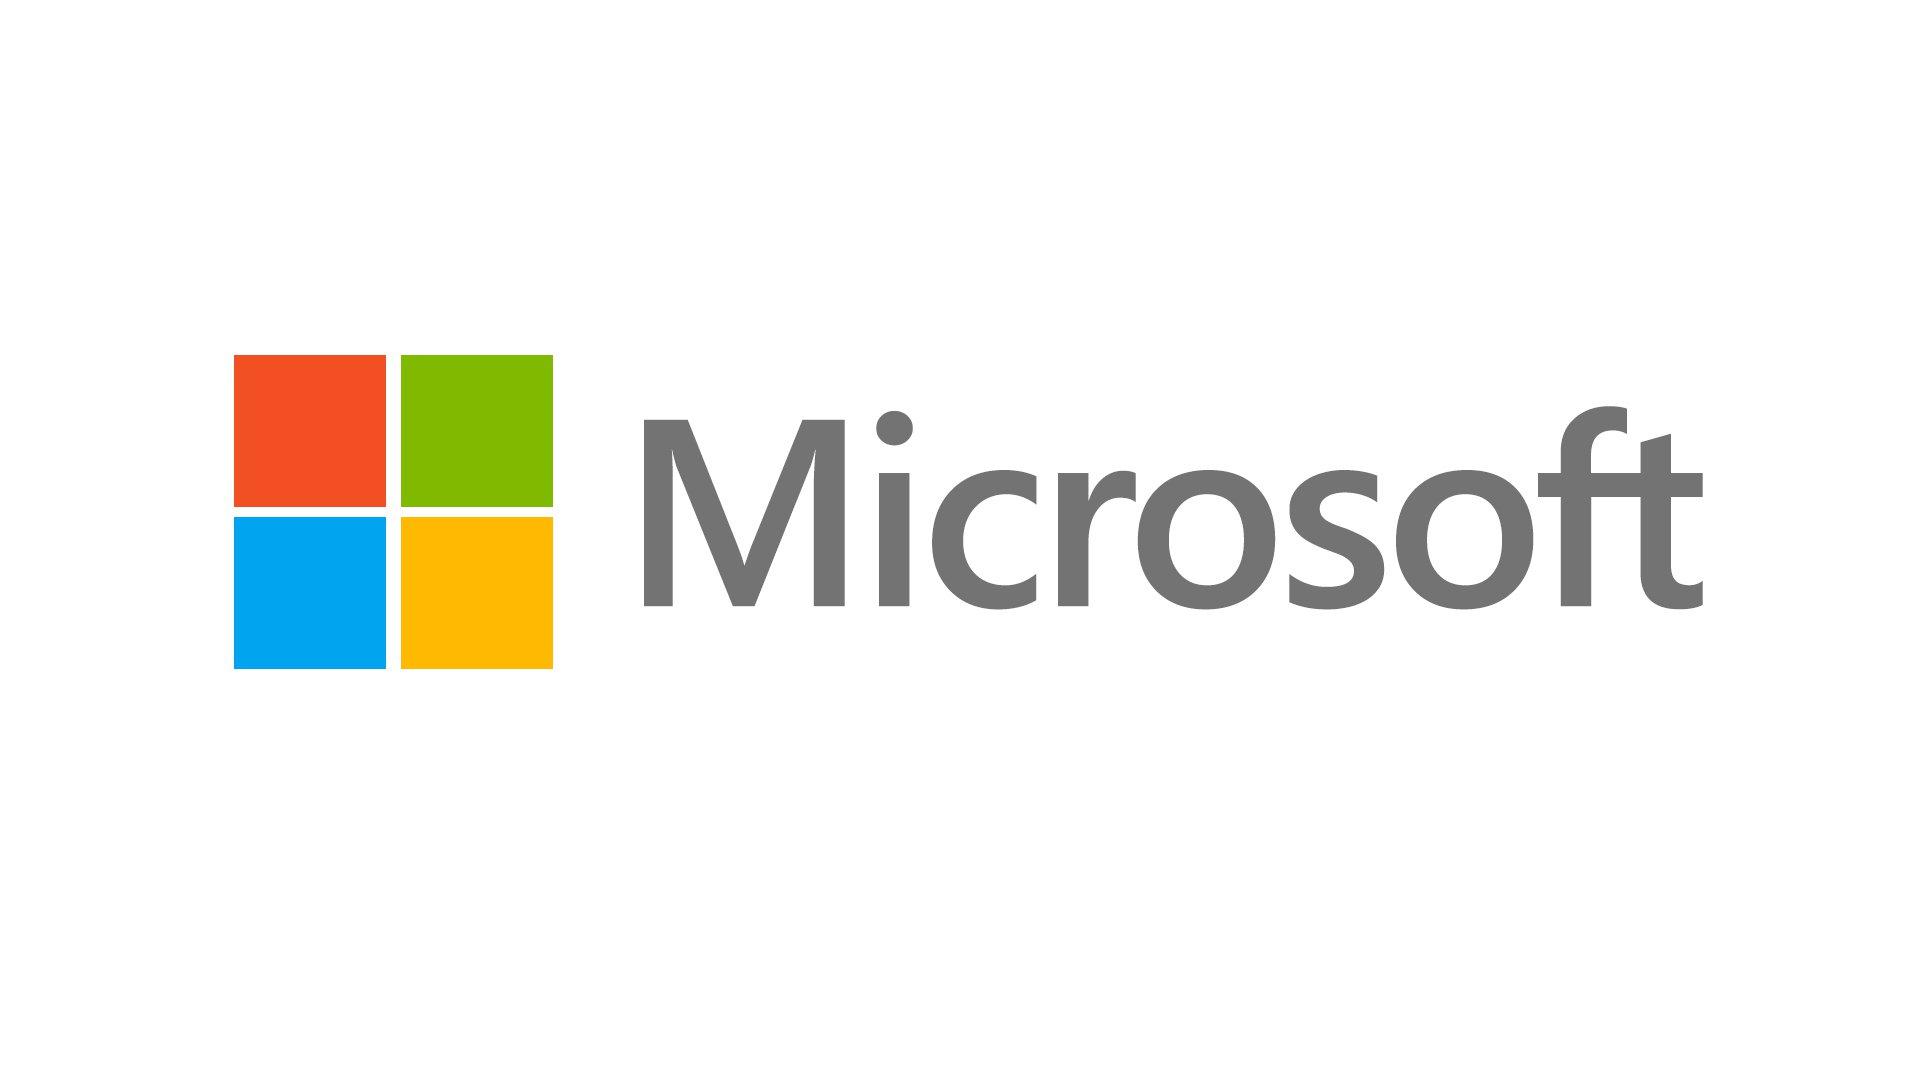 """Microsoft lạm dụng Windows 10 để """"cà khịa"""" trình duyệt khác, lôi kéo người dùng qua Edge Chromium"""